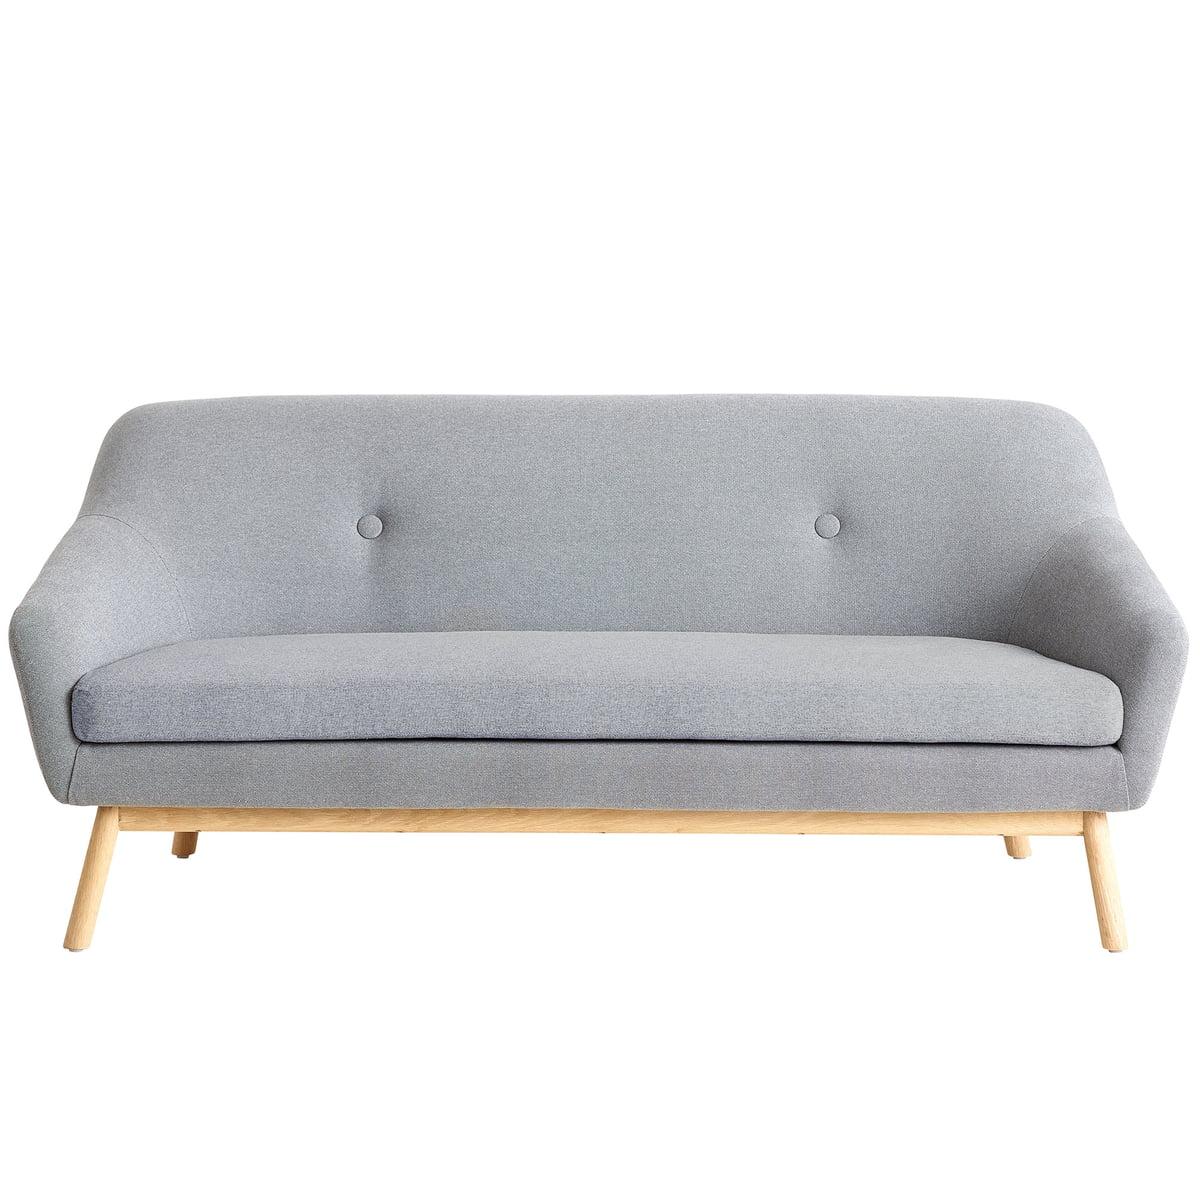 achetez le canap 2 places peppy de woud dans l 39 e boutique. Black Bedroom Furniture Sets. Home Design Ideas